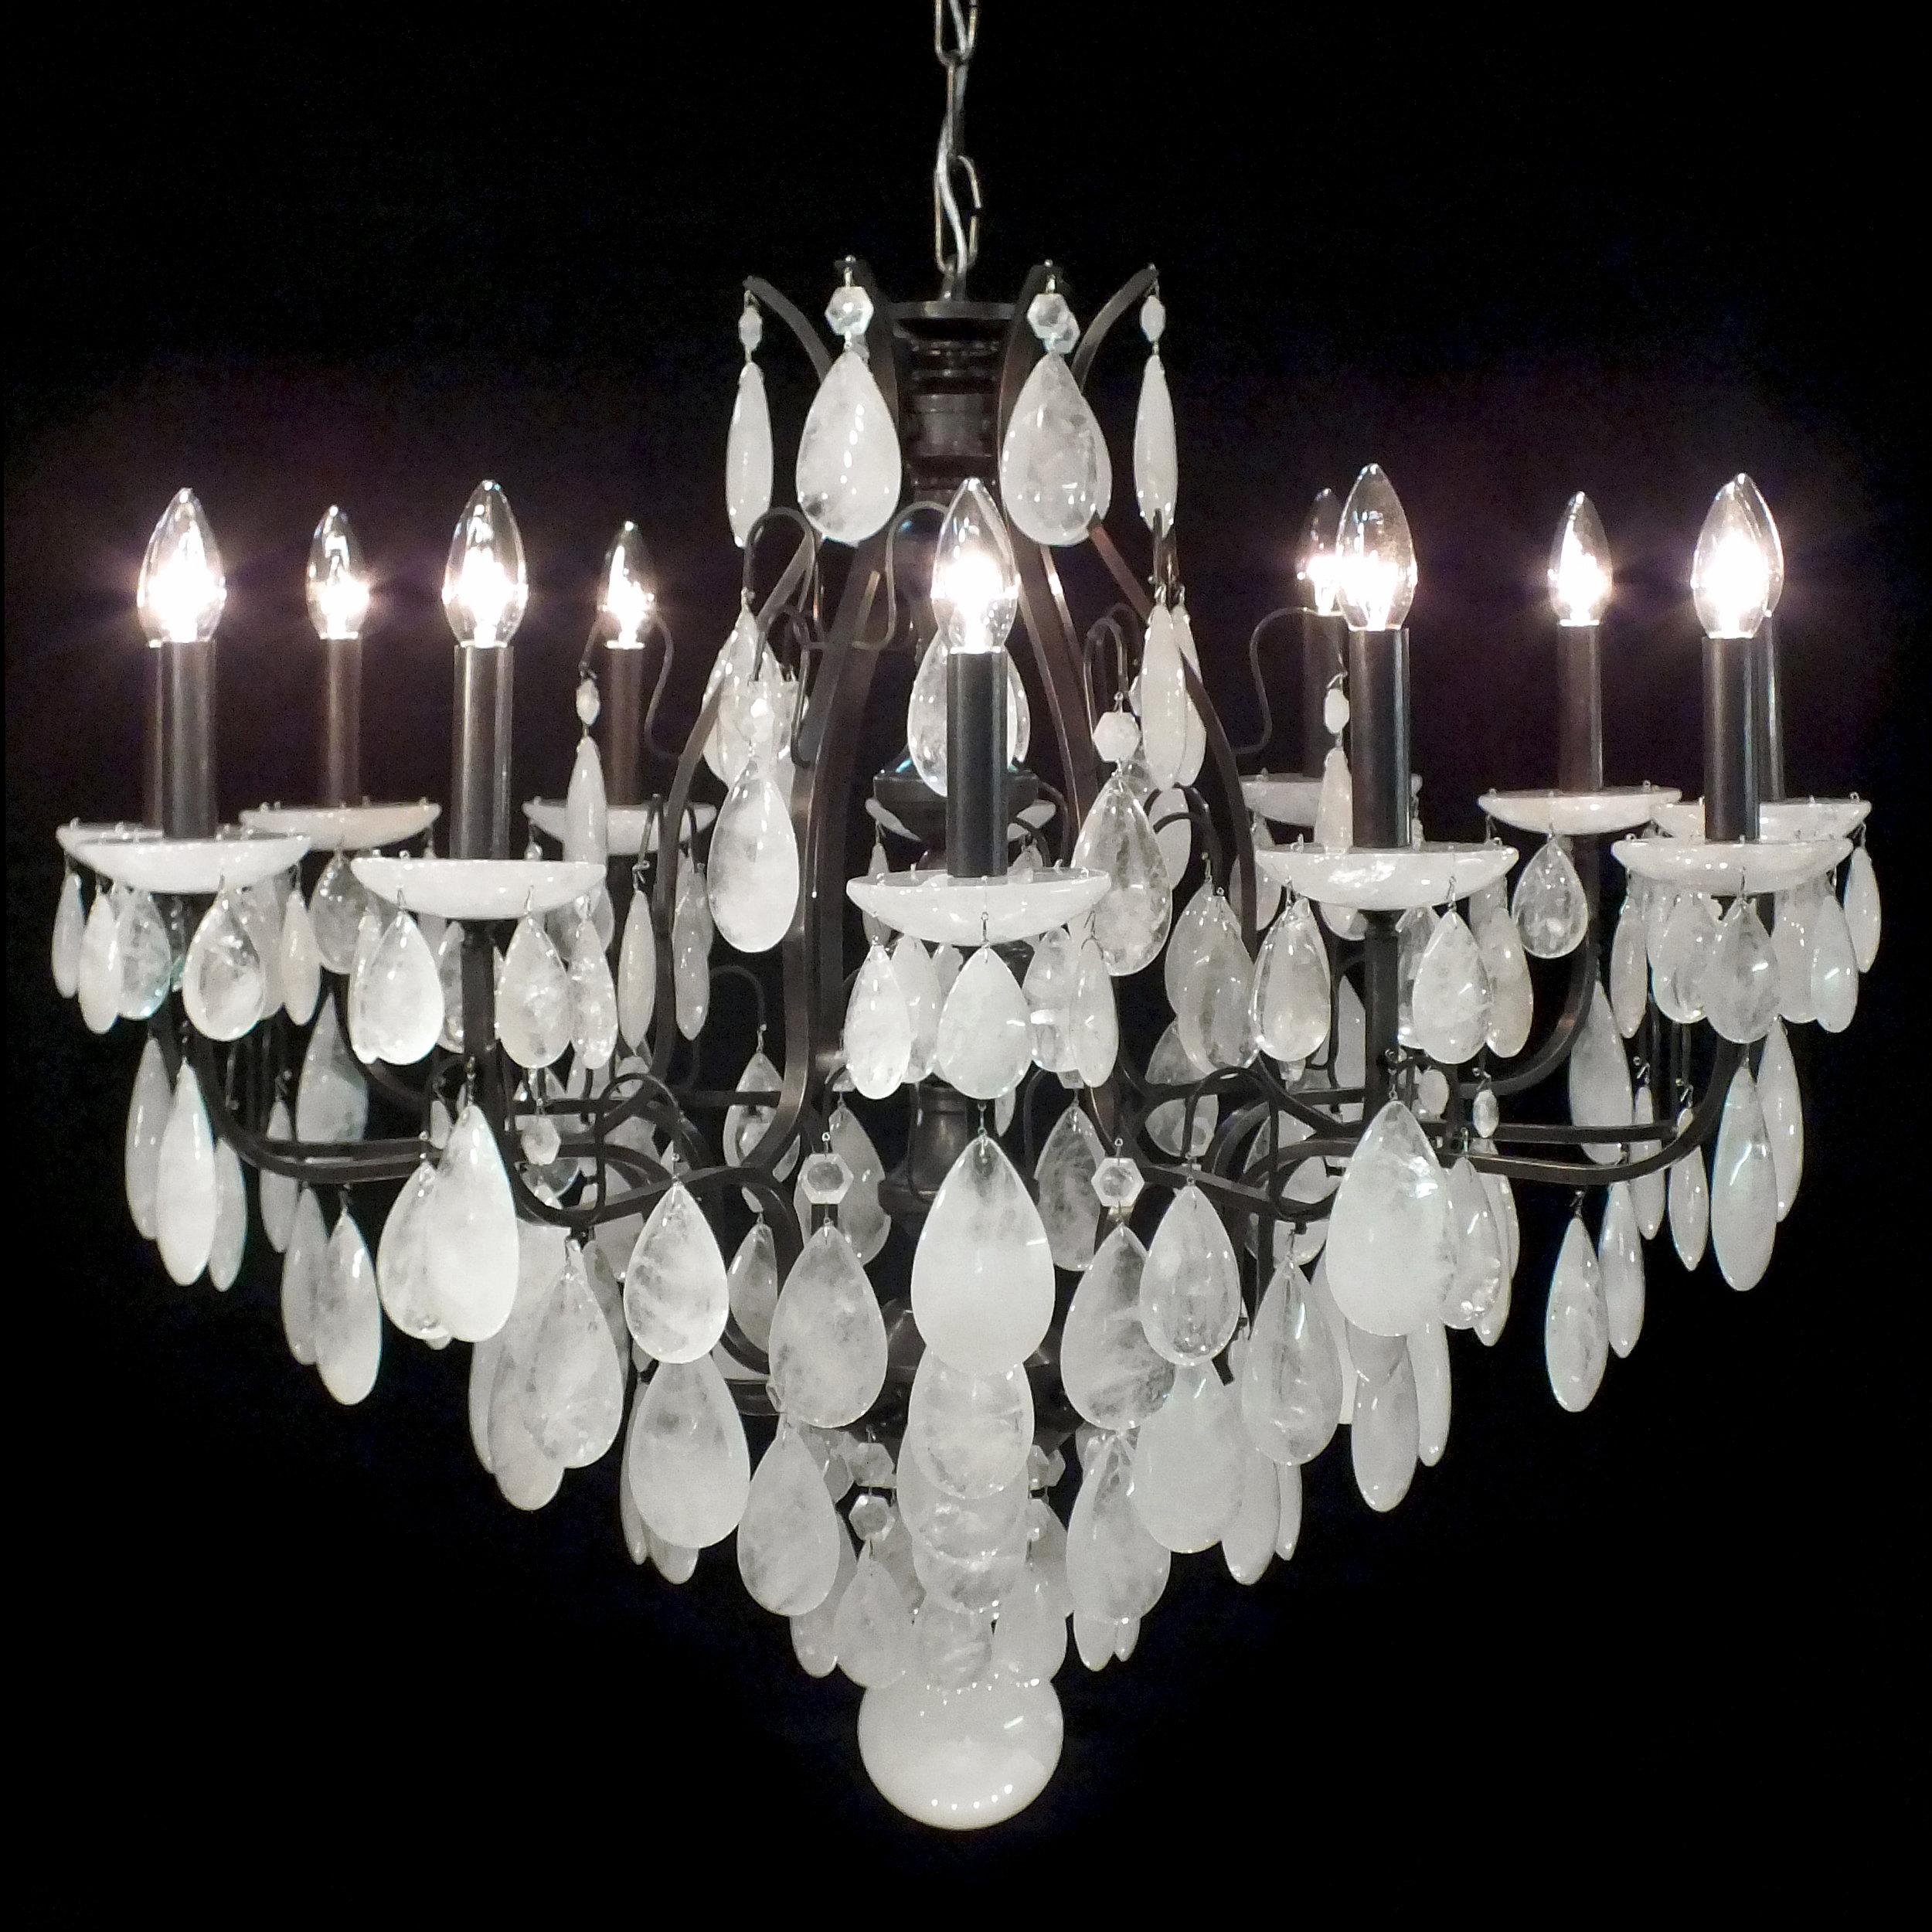 Lustre Sevilha 12 braços em cristal de rocha quartzo branco.